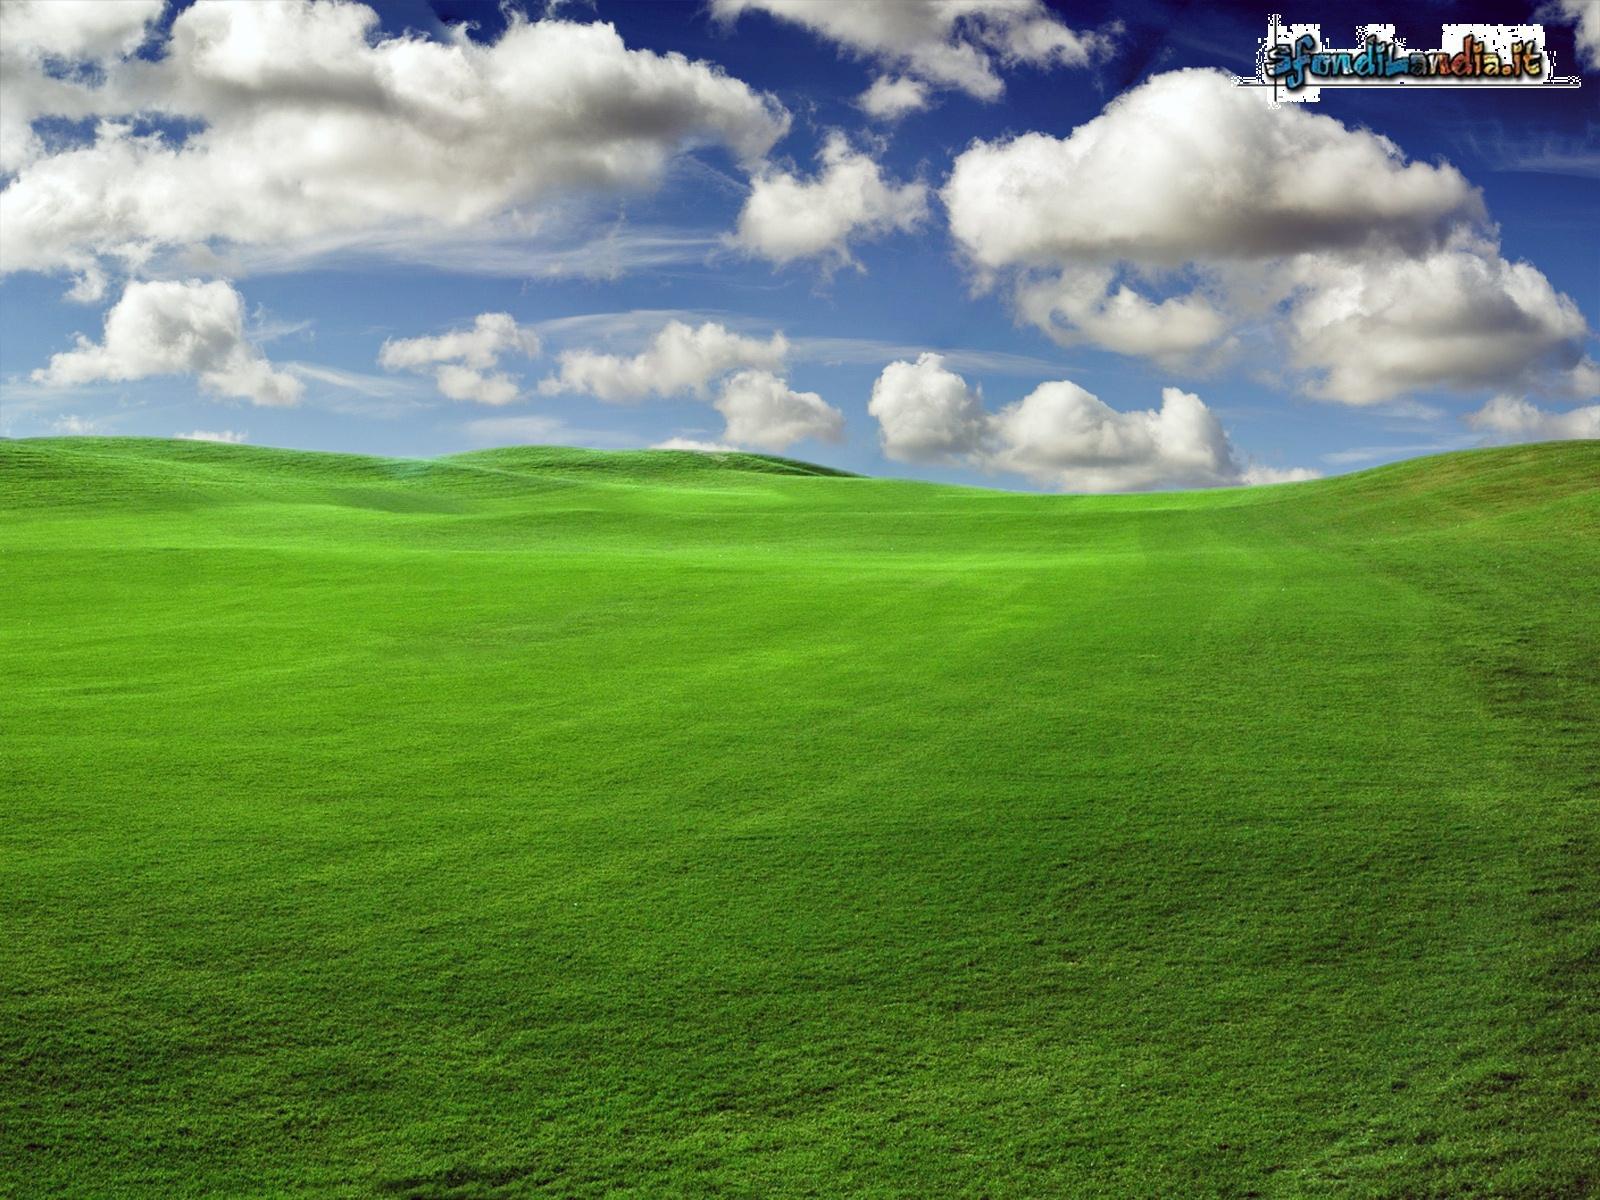 Sfondilandiait Sfondo Gratis Di Prato E Nuvole Per Desktop